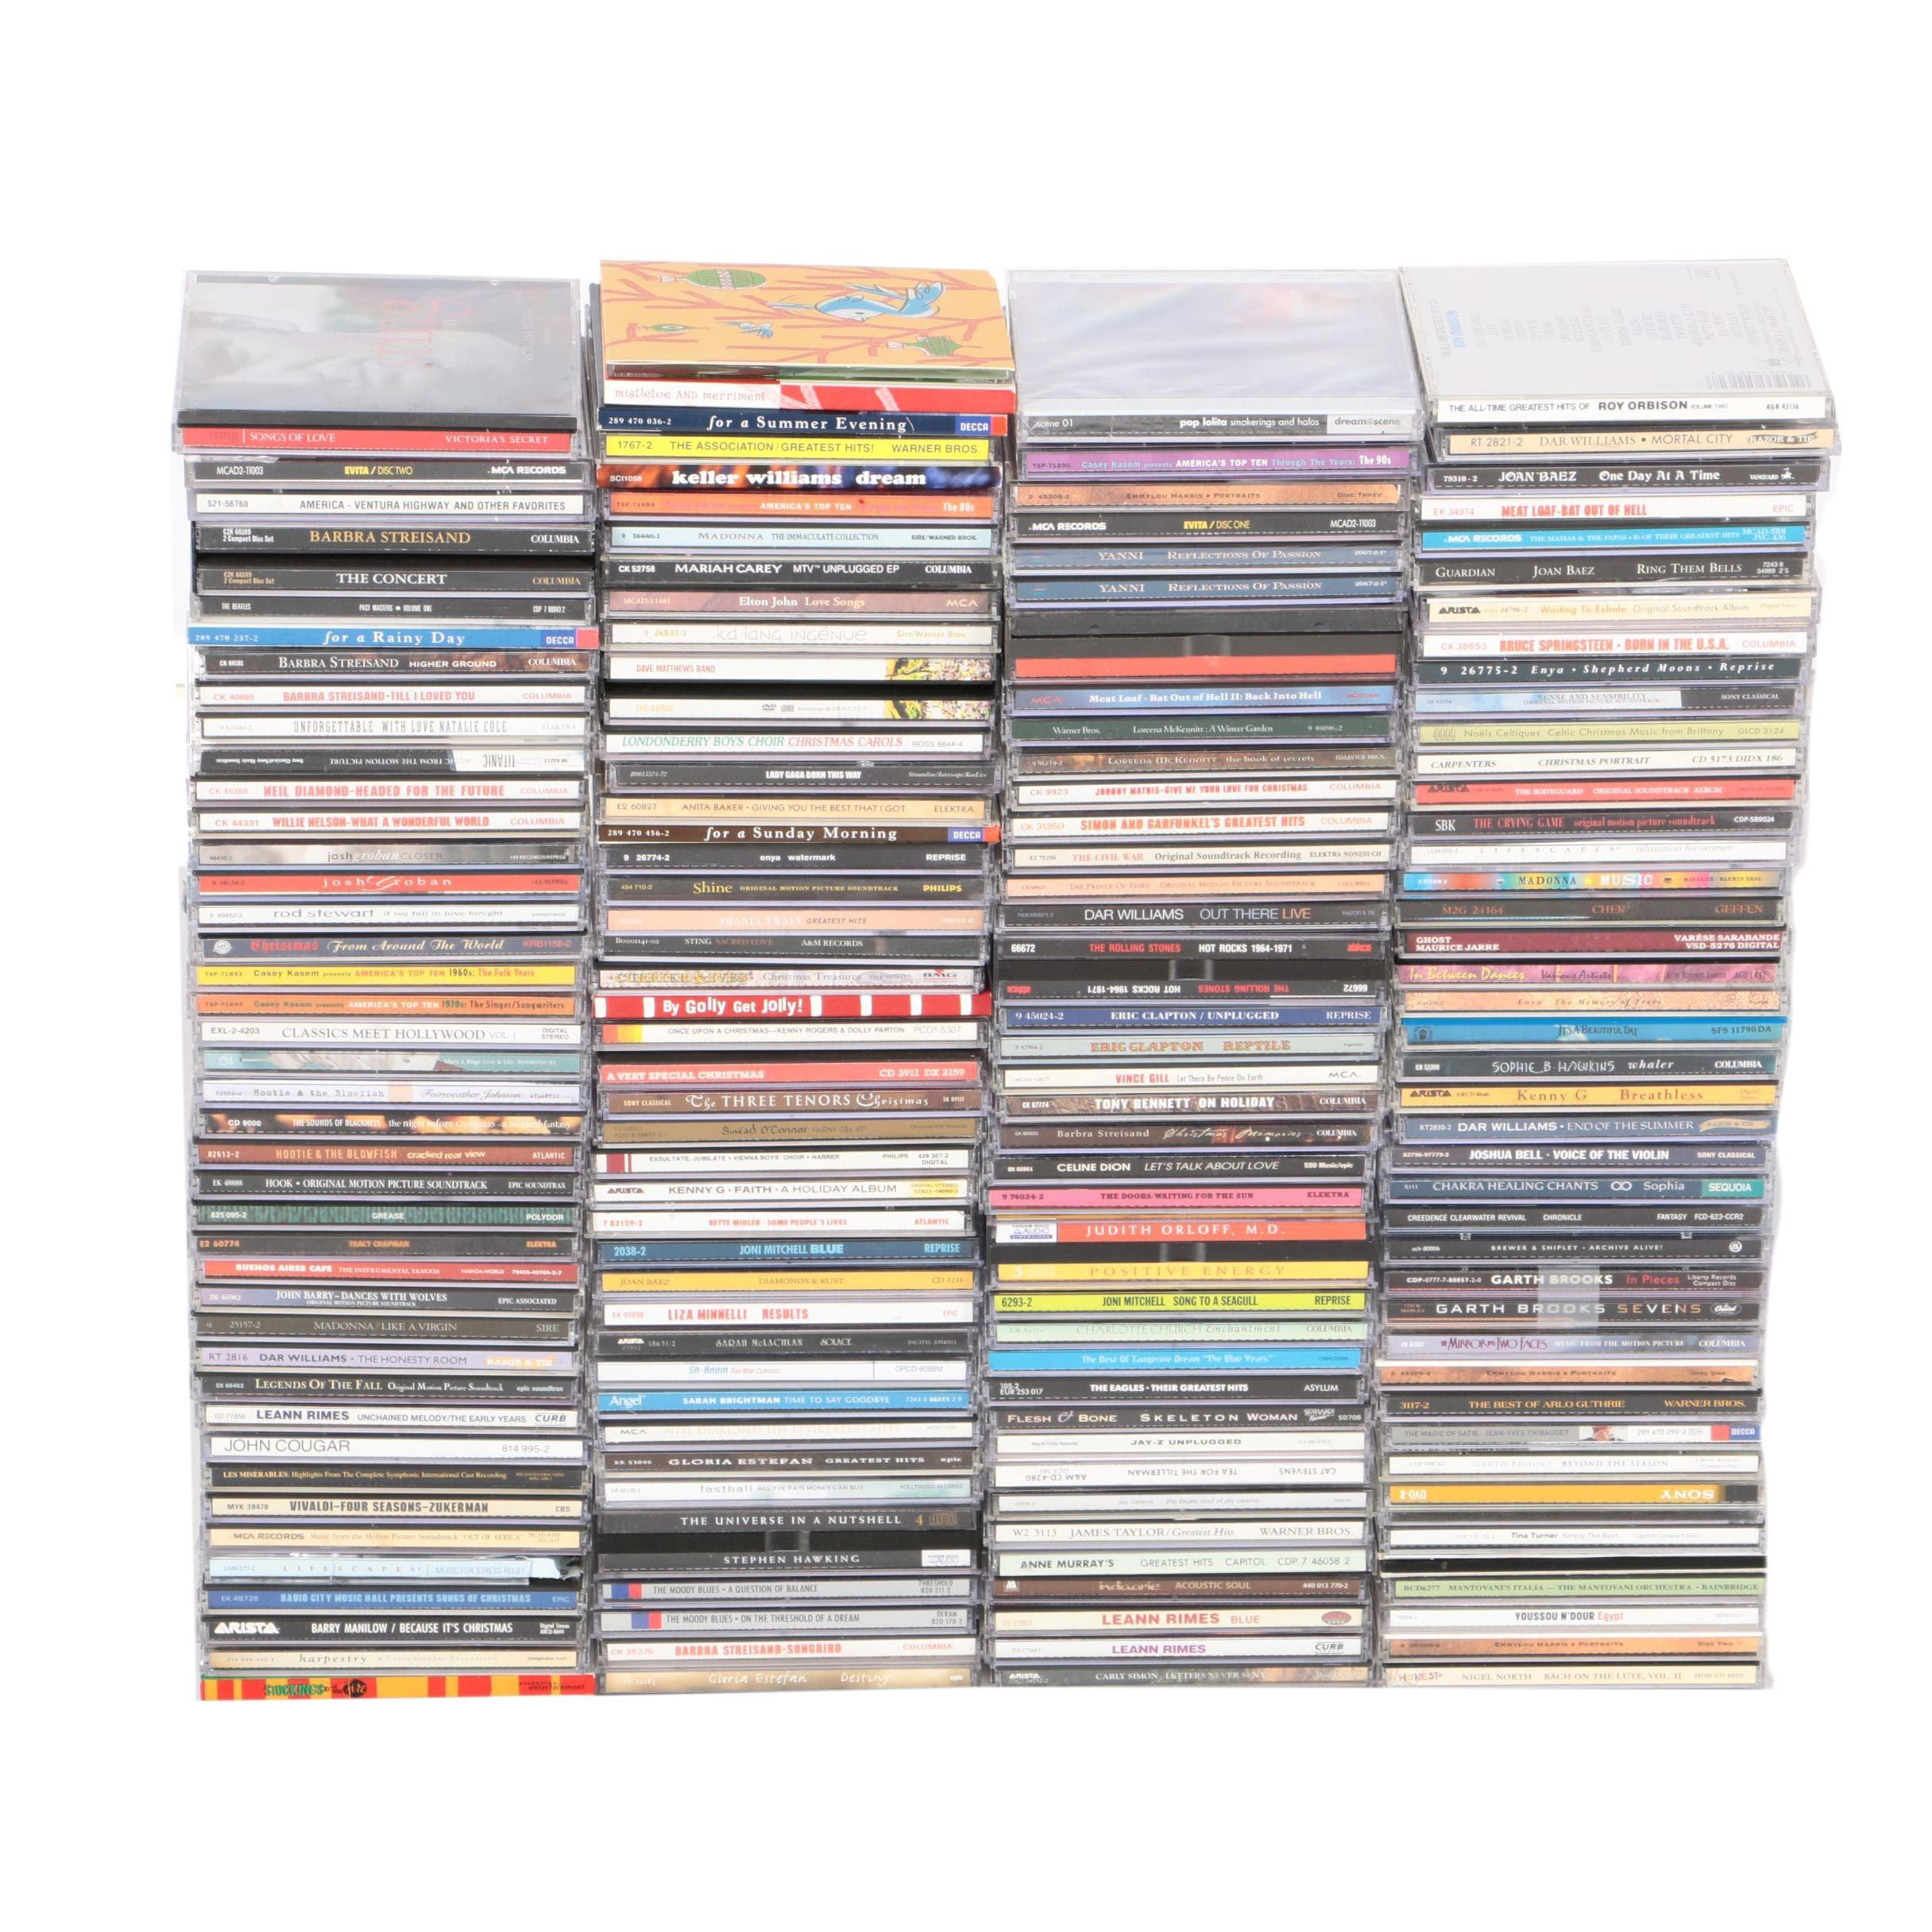 CDs Including Barbra Streisand, Christmas, Soundtracks